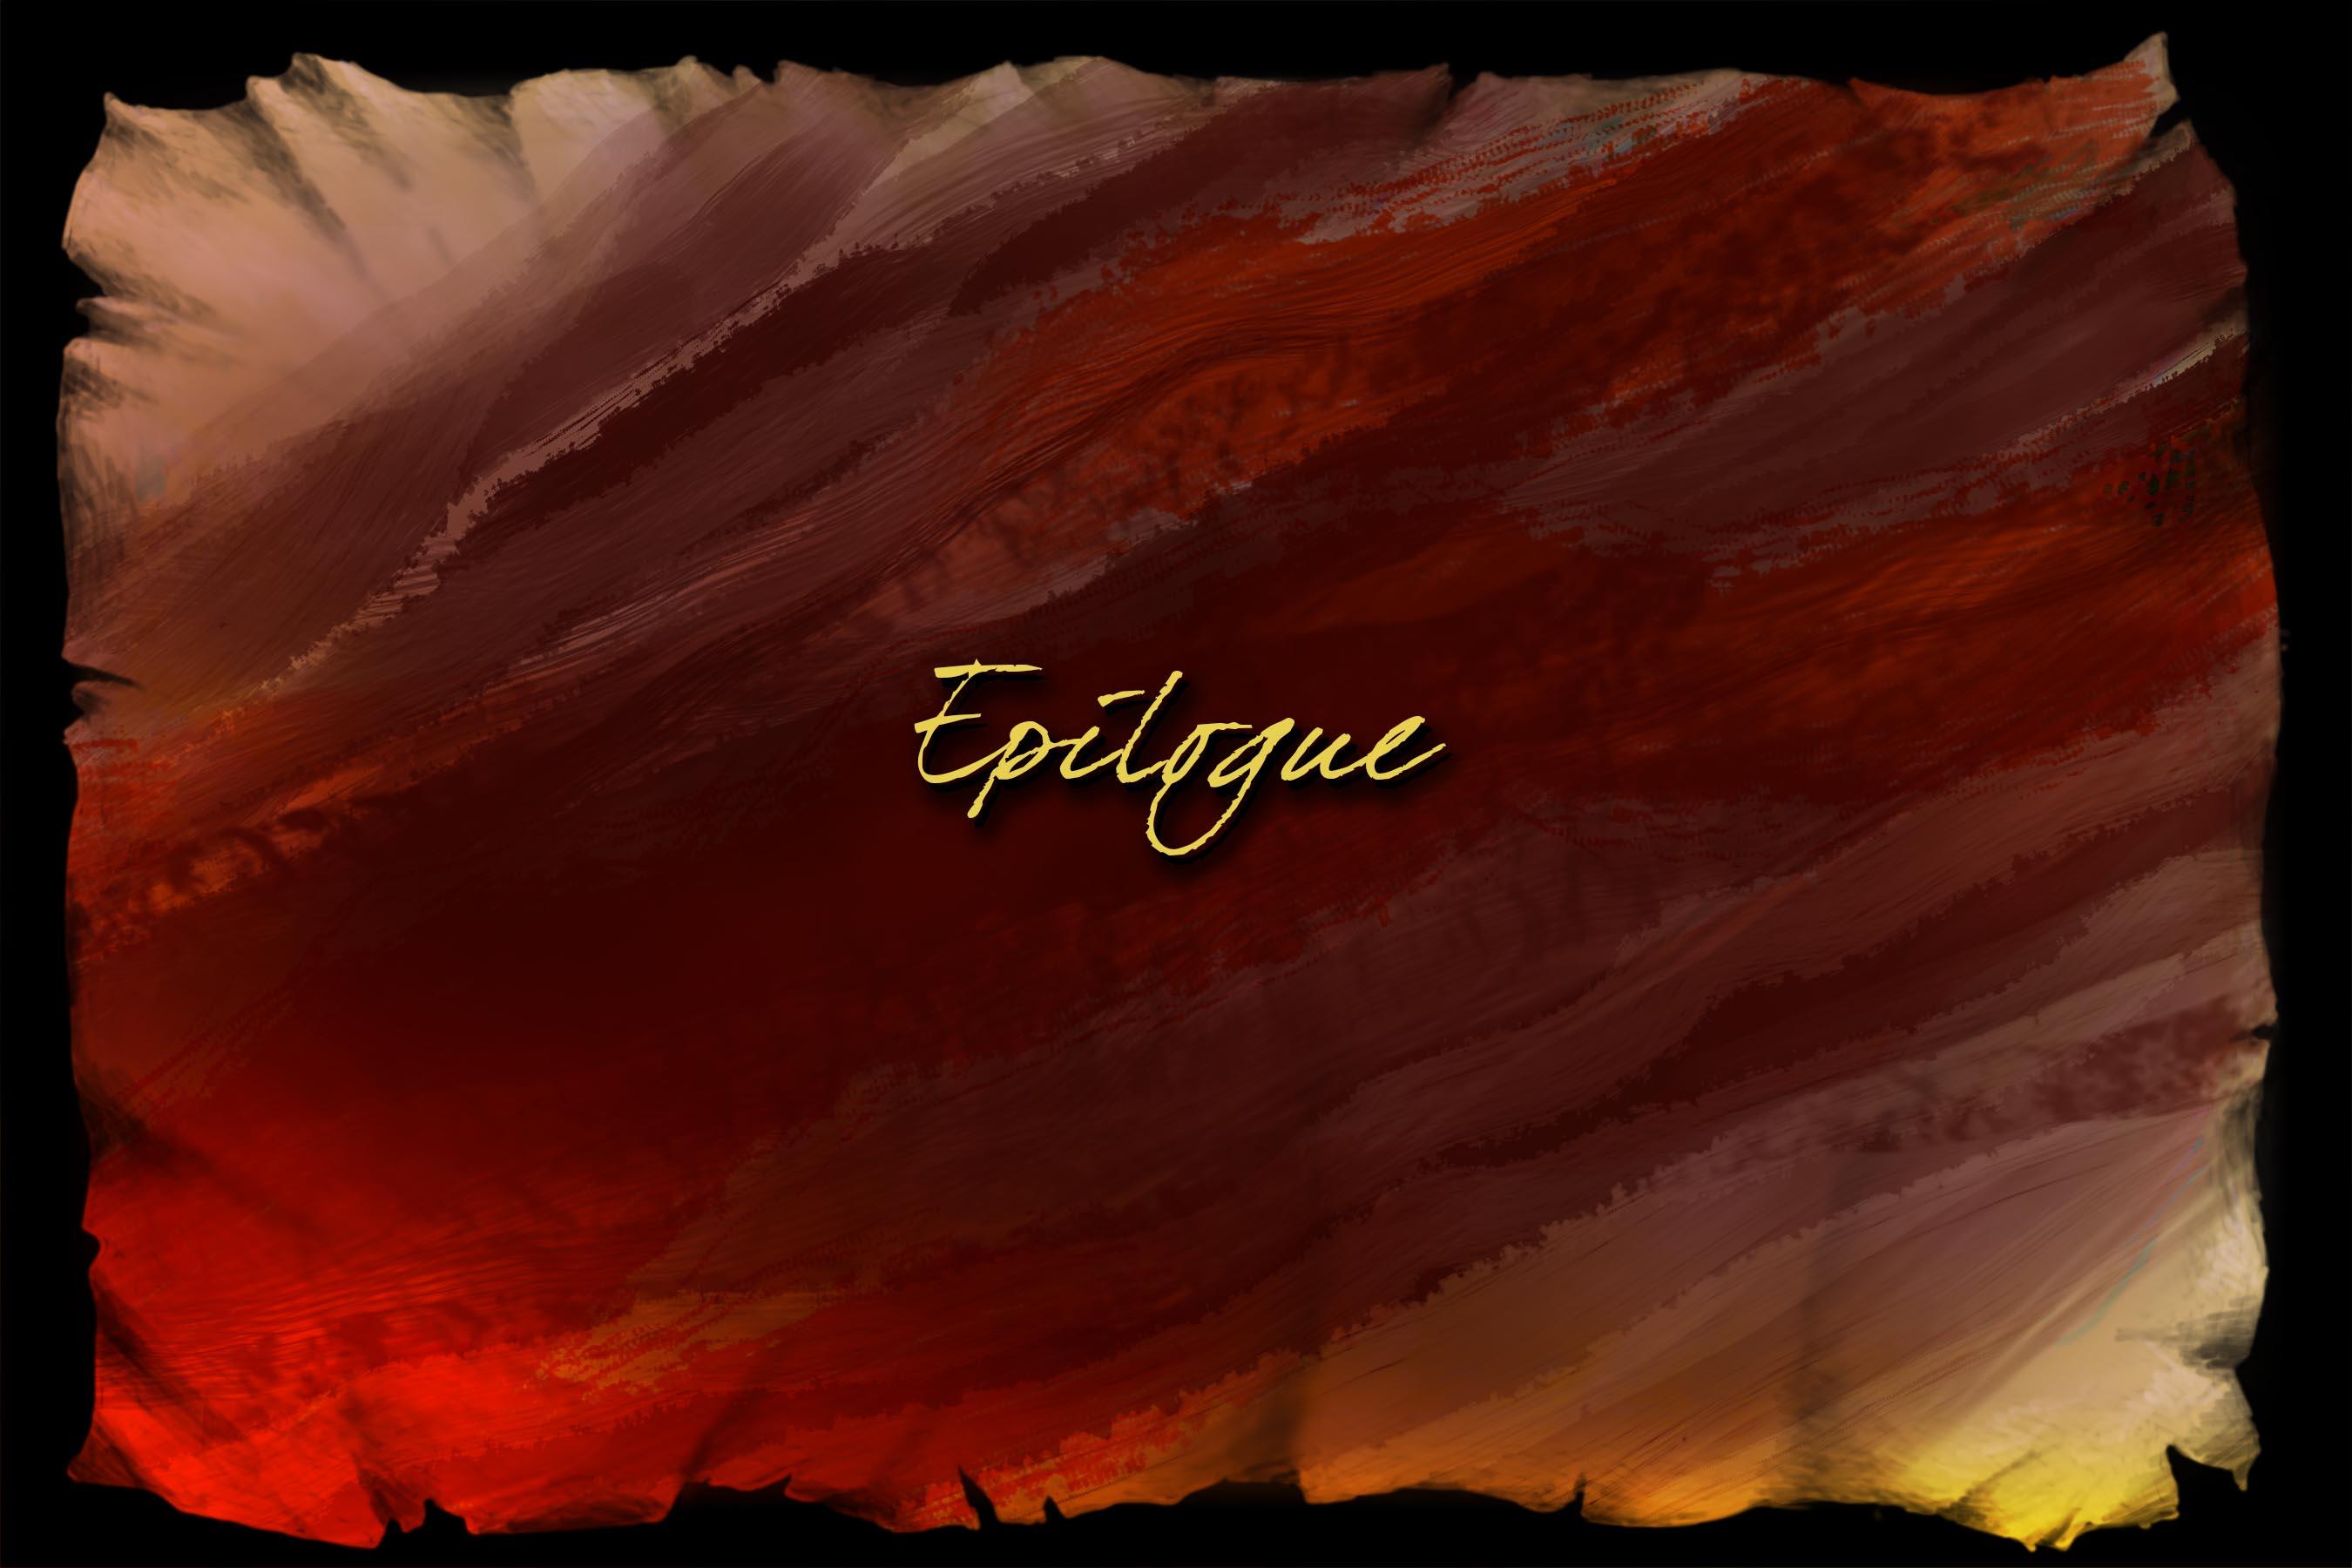 Scene 7. Epilogue